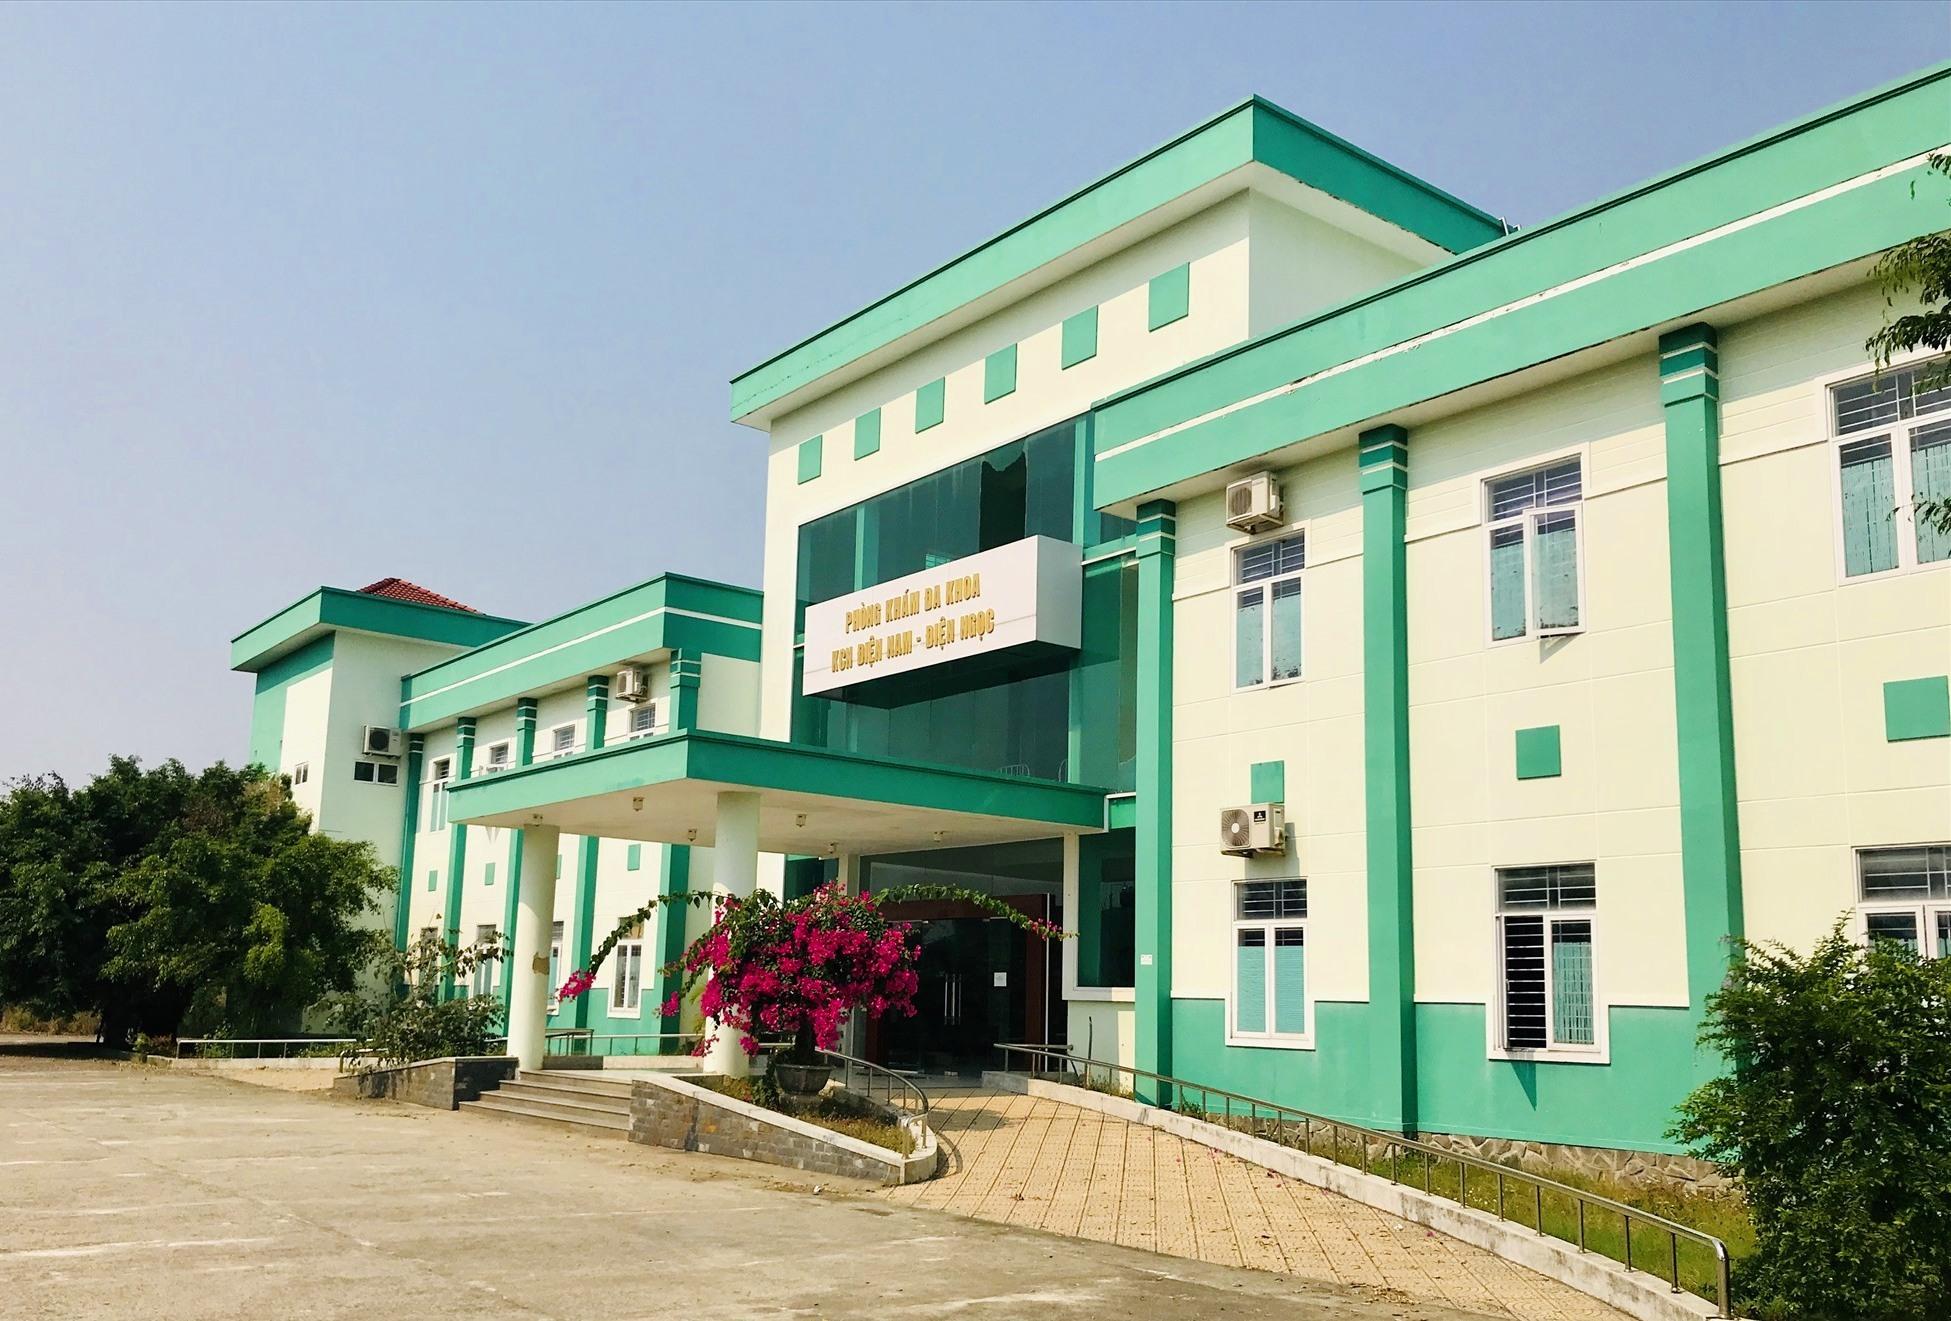 Phòng khám Đa khoa KCN Điện Nam - Điện Ngọc sẽ là trung tâm điều trị bệnh nhân Covid-19 thể nhẹ tại khu vực bắc Quảng Nam. Ảnh: Q.T